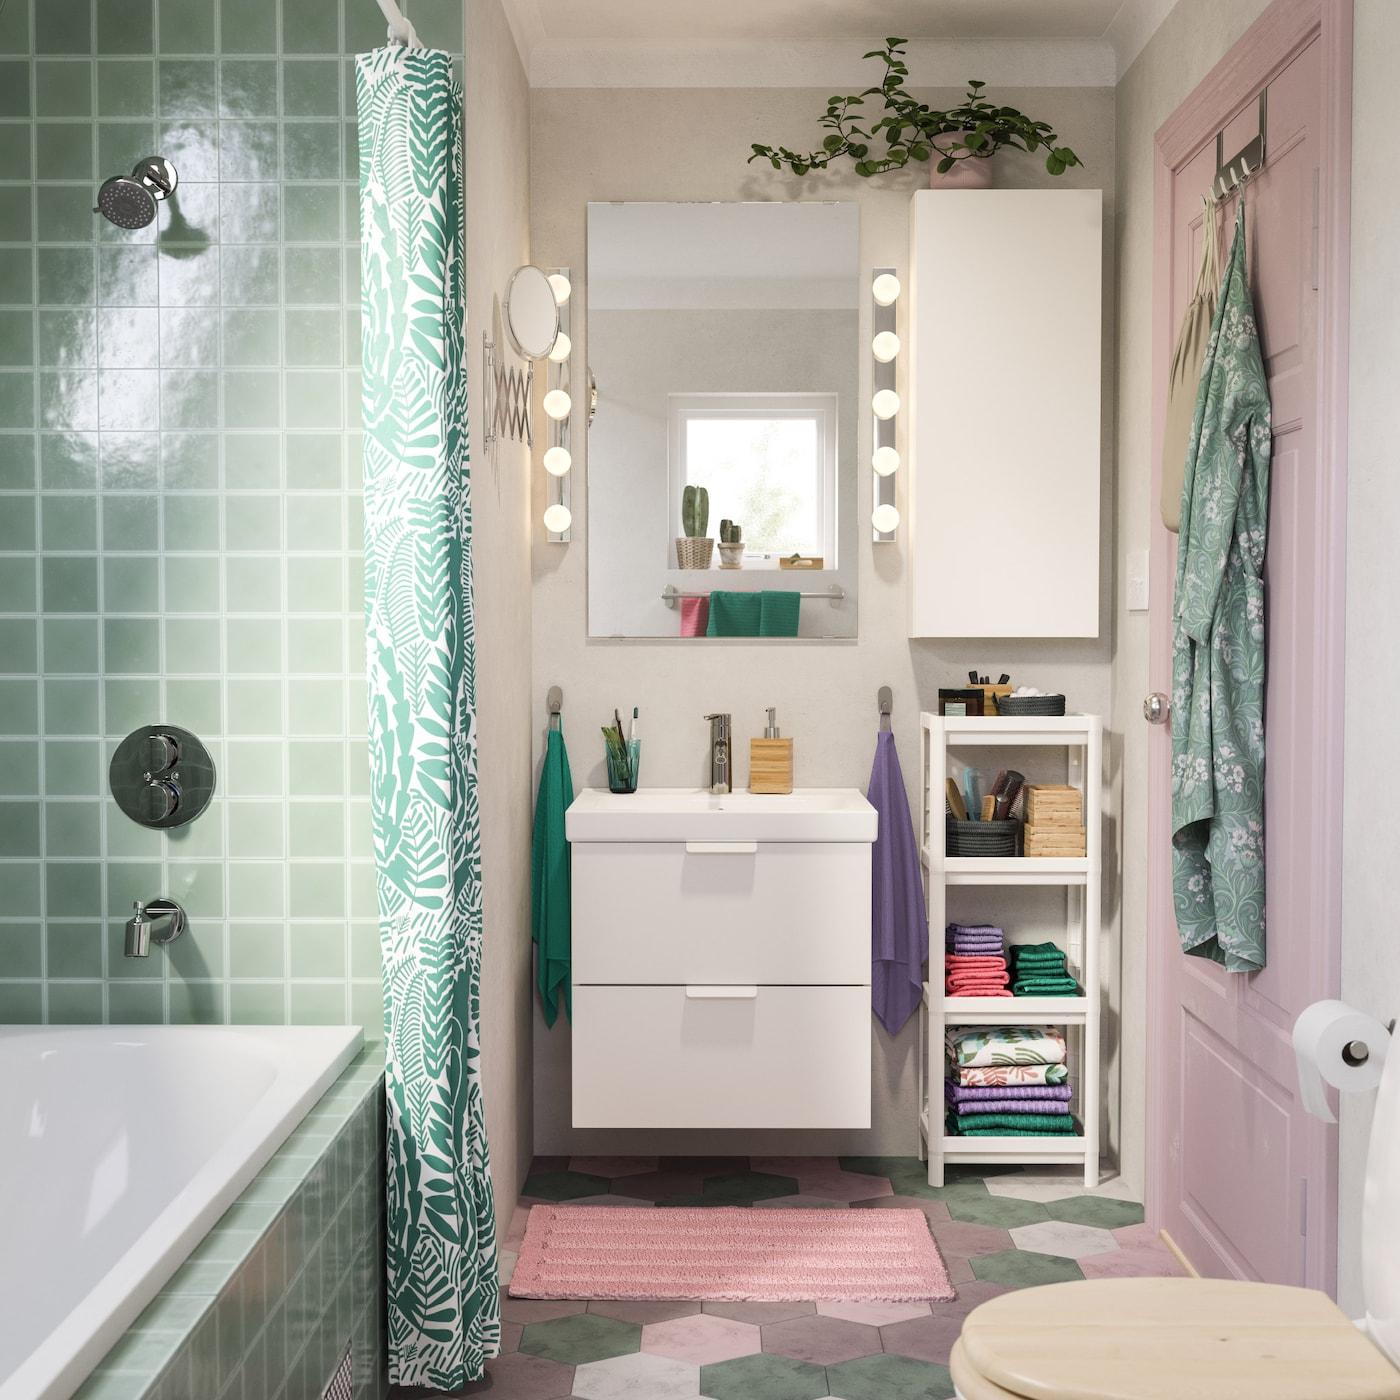 Salle de bains rose et turquoise avec lavabo et armoire murale blancs, tapis de bain rose et rideau de douche turquoise.